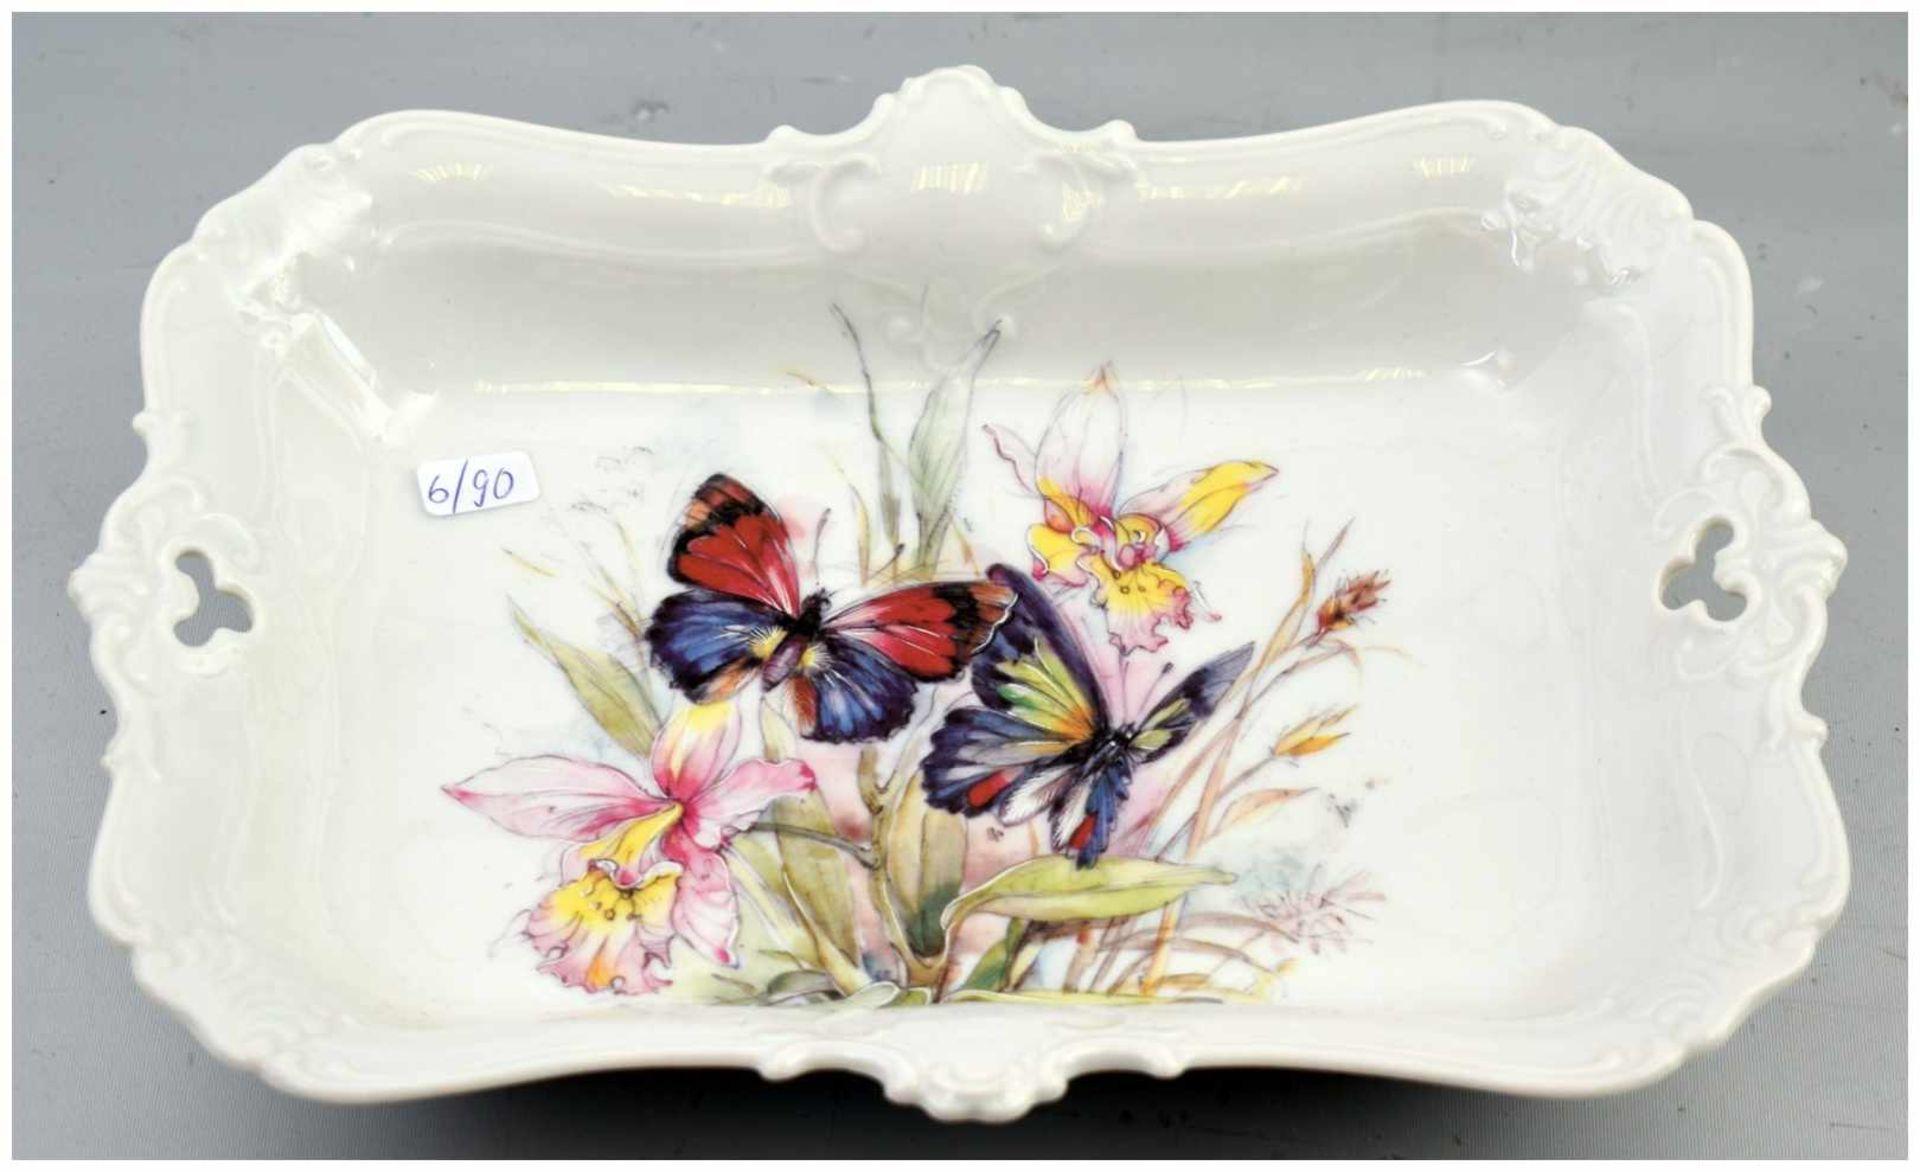 Los 13 - Gebäckschale gewellter Rand, mit Barock-Ornamenten, Spiegel mit Schmetterlingen und Blumen bunt